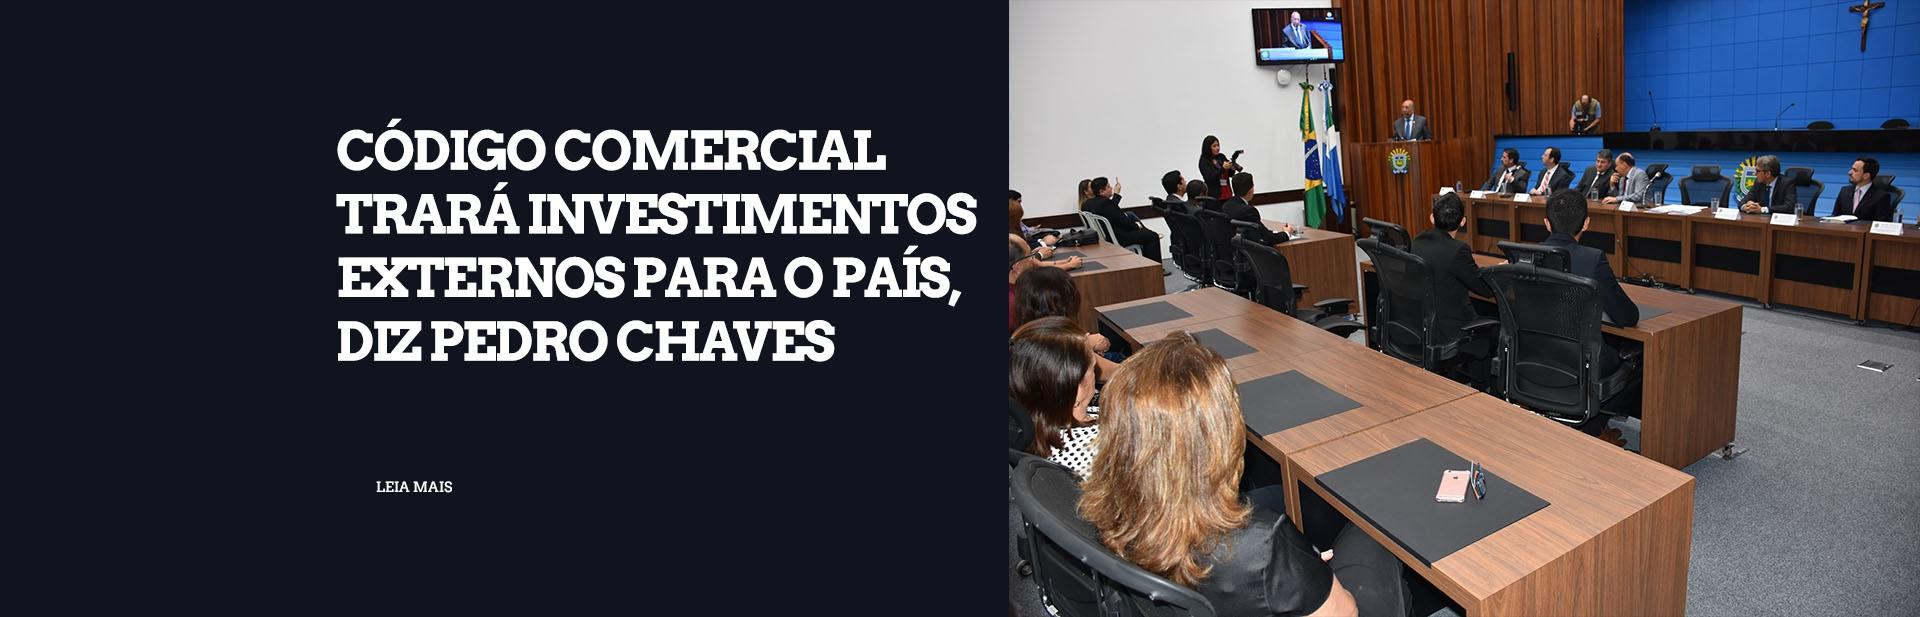 Novo Código trará mais investimentos externos para o país, diz Pedro Chaves